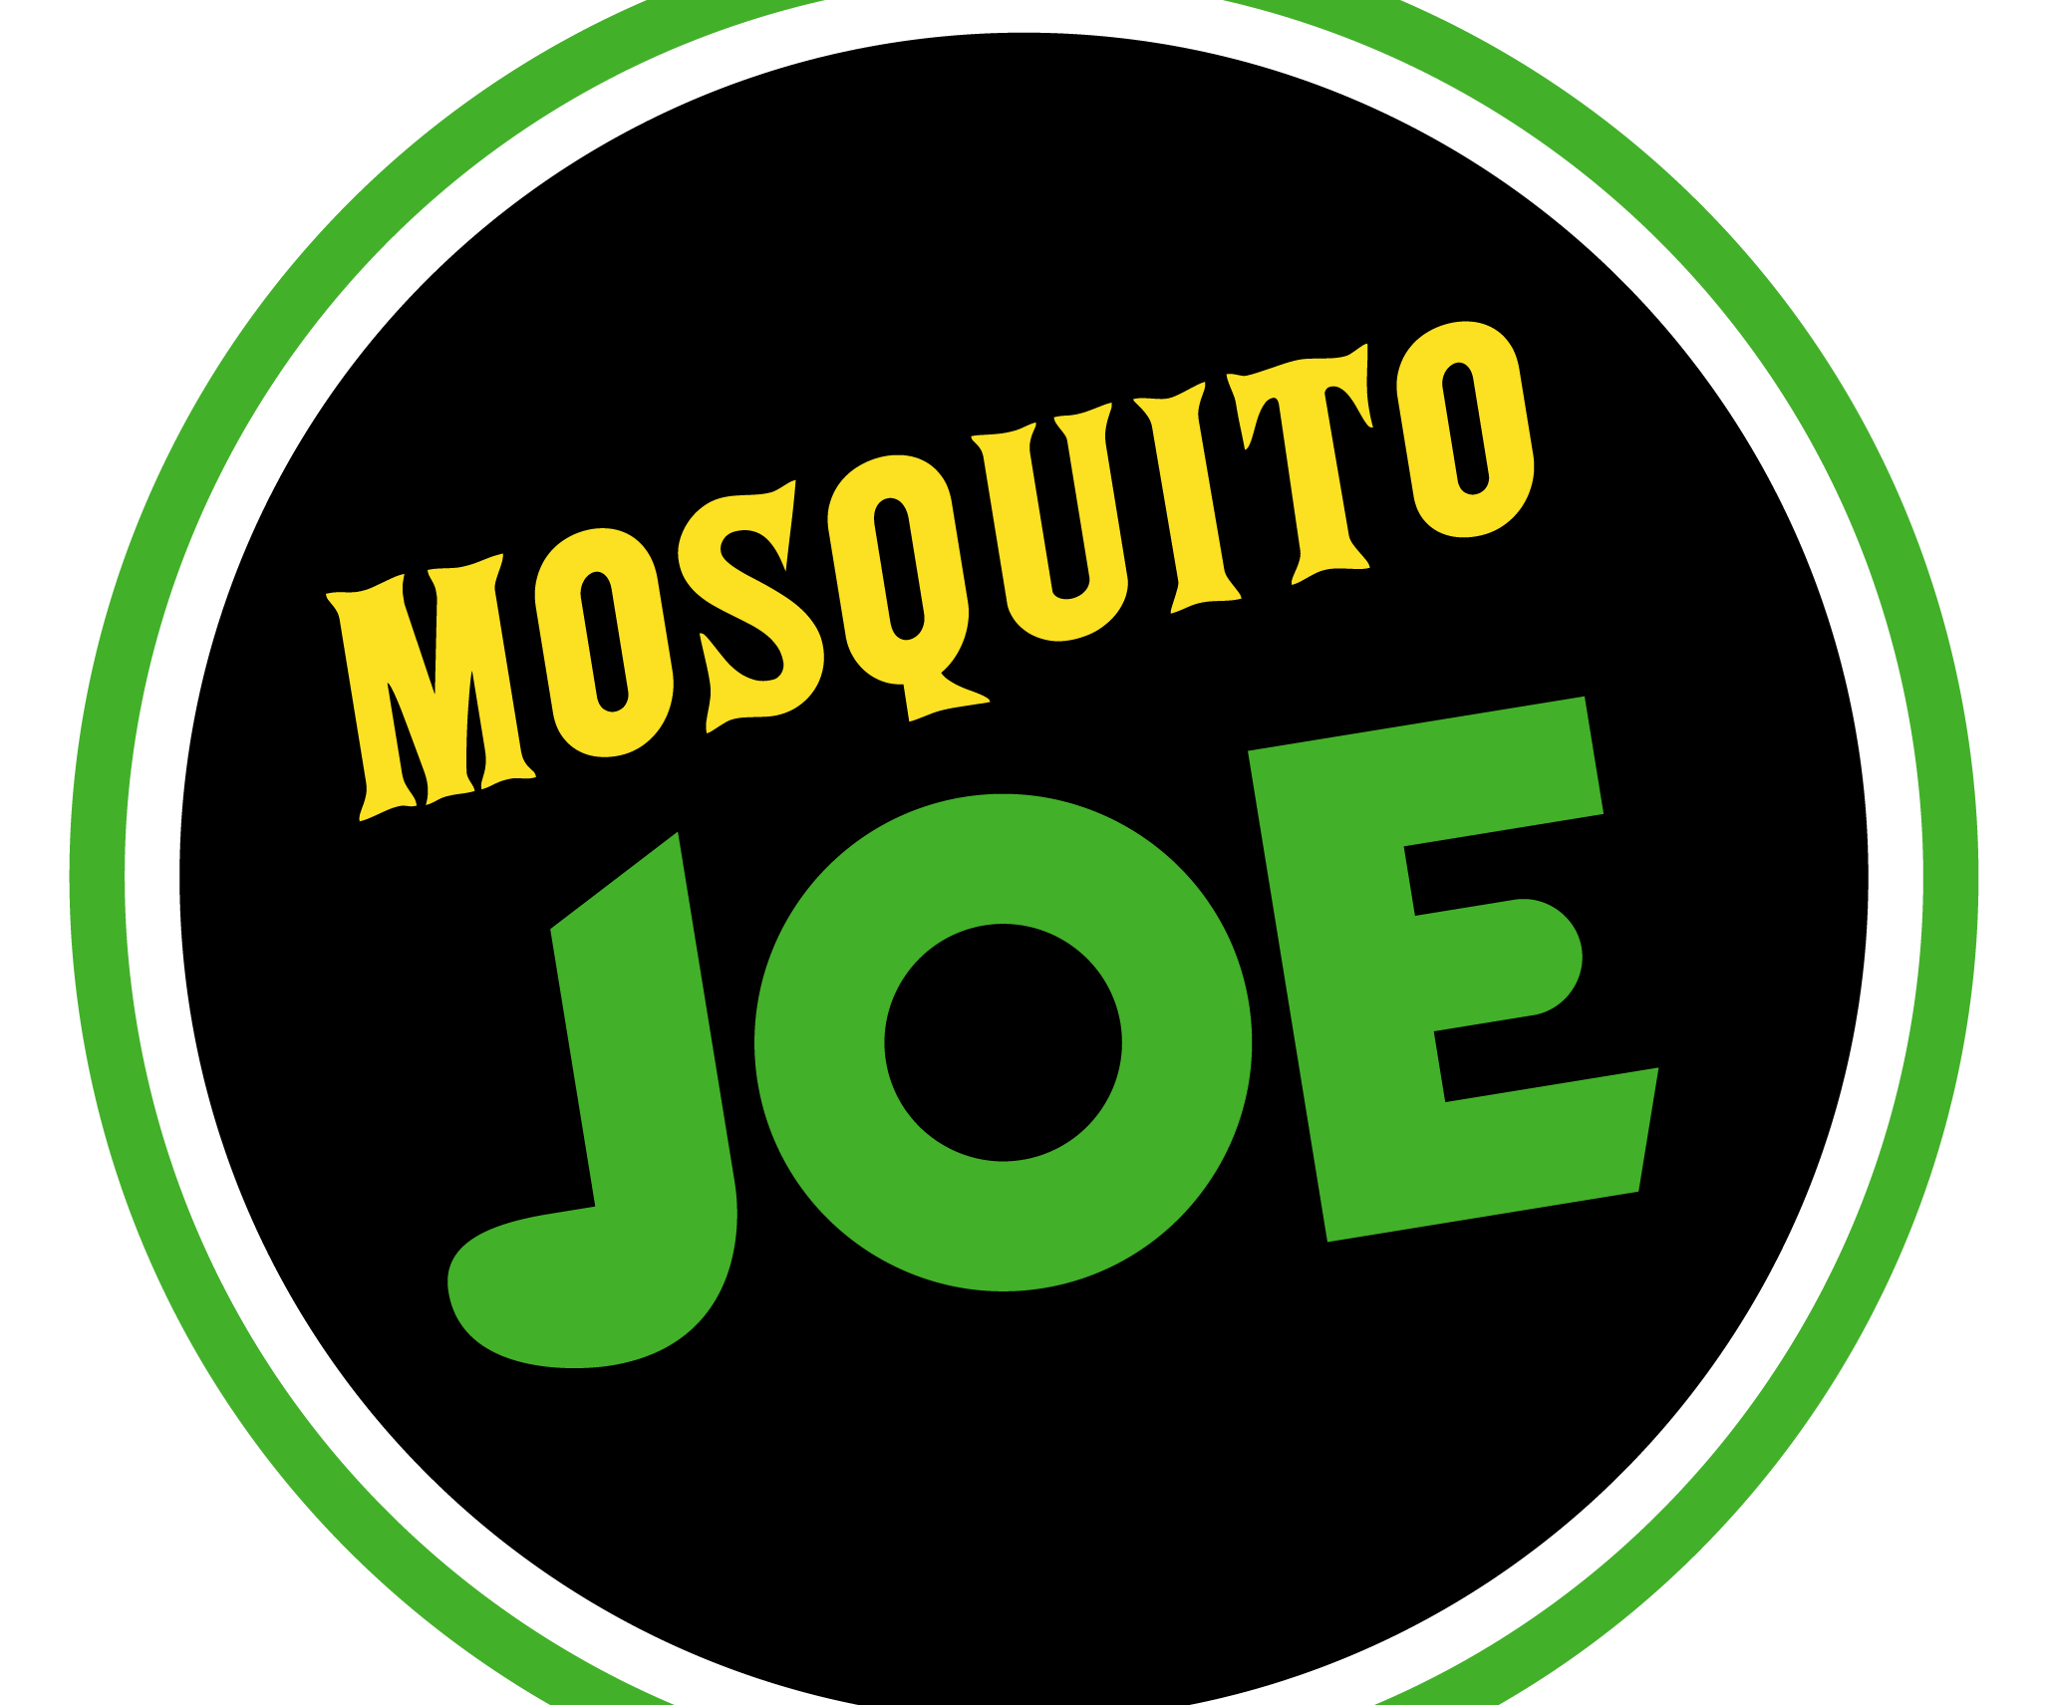 https://noco.mosquitojoe.com/